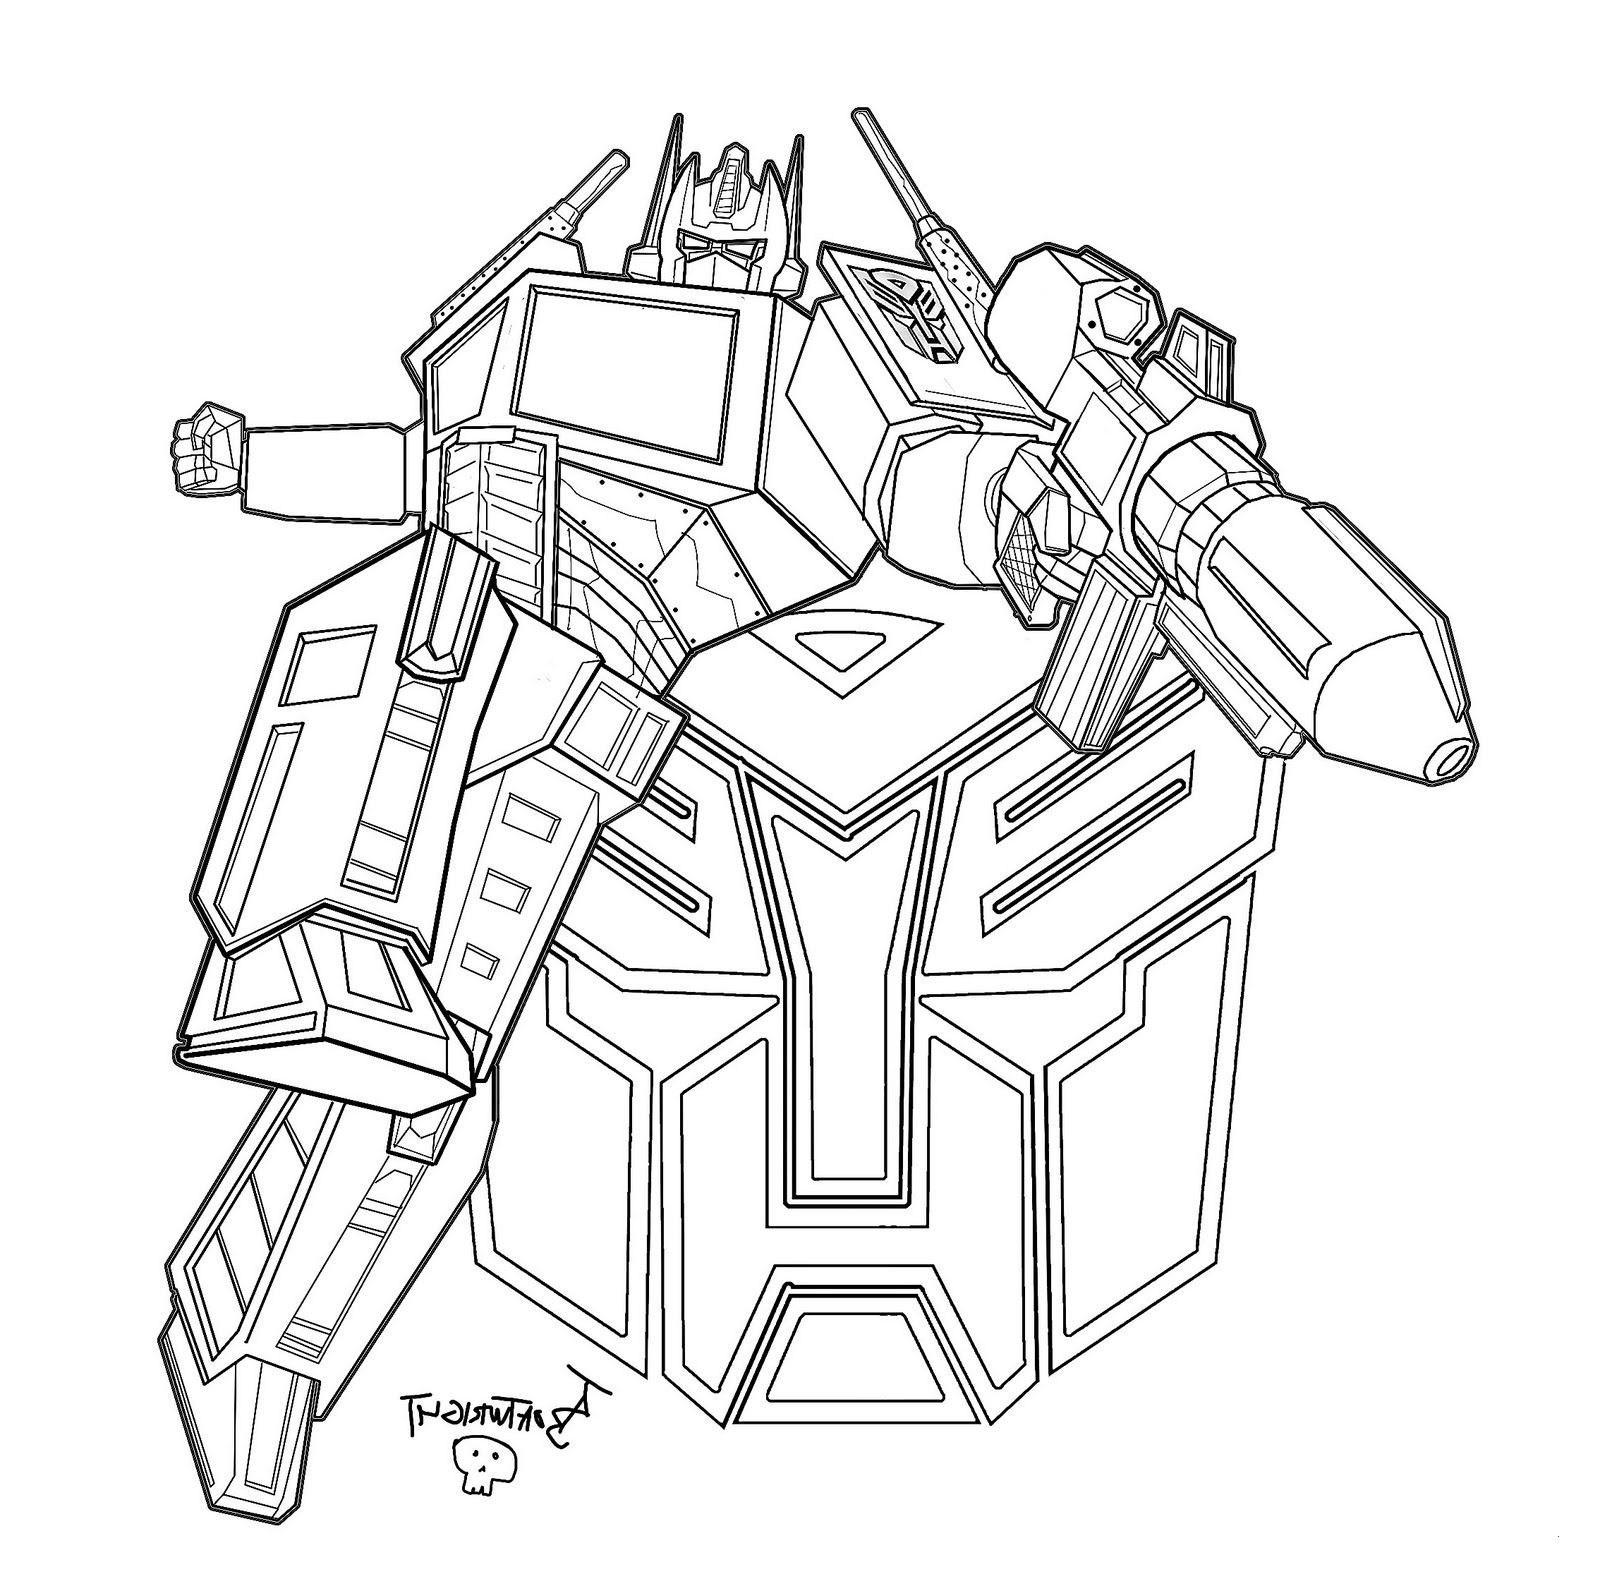 Ausmalbilder Transformers Optimus Prime Einzigartig 35 Neu Ausmalbilder Transformers – Malvorlagen Ideen Bild